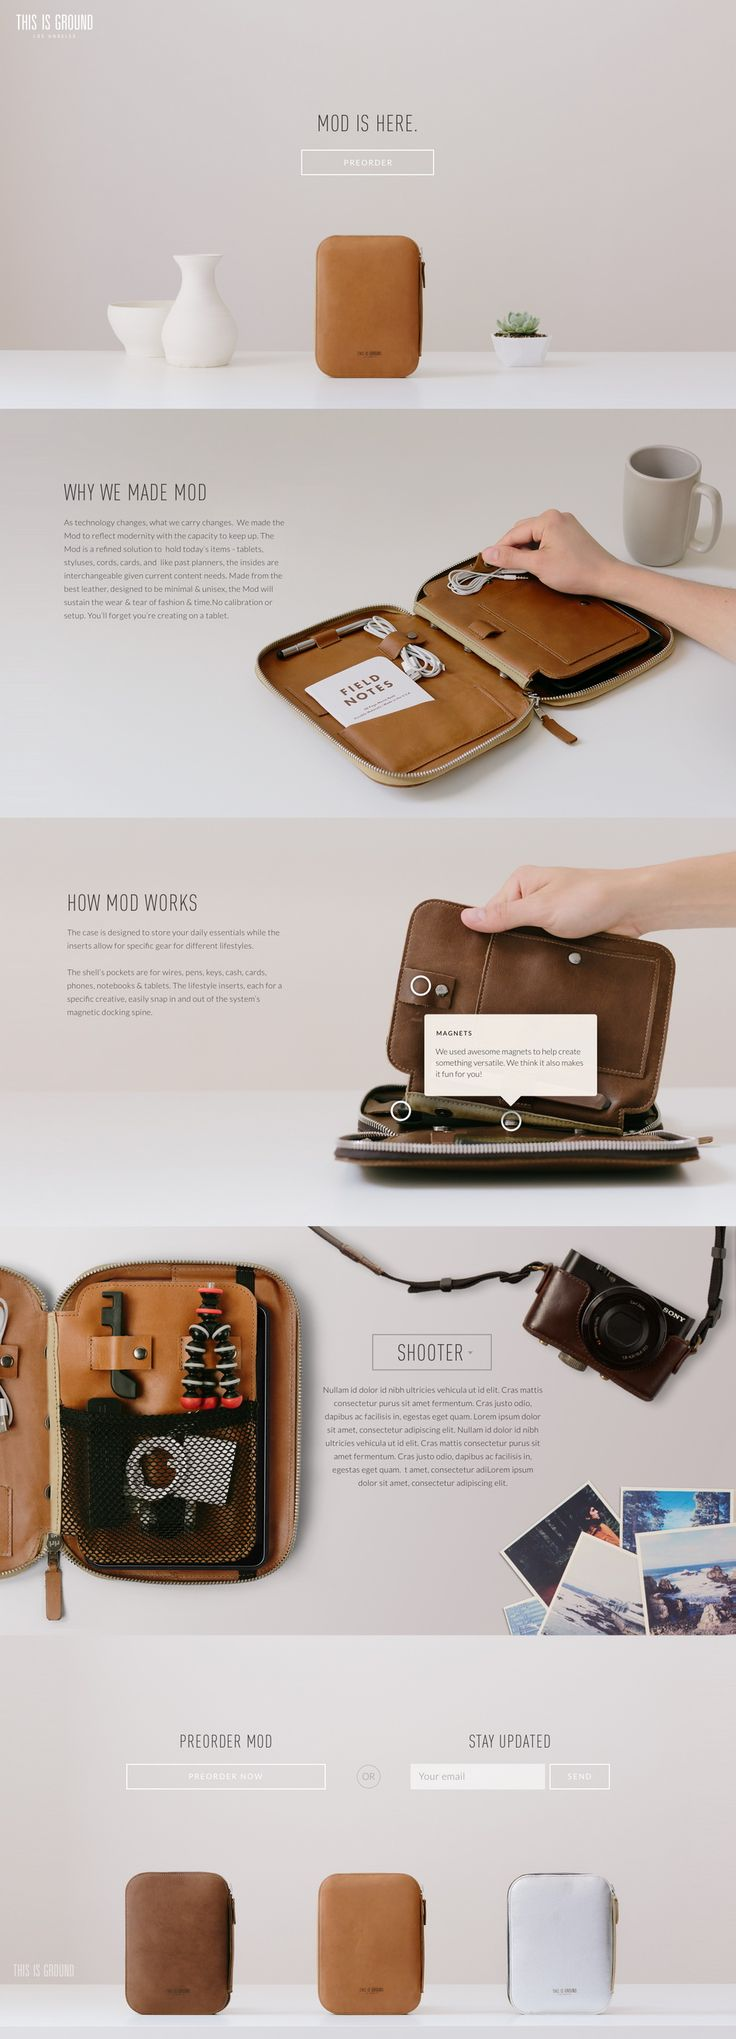 web design 002